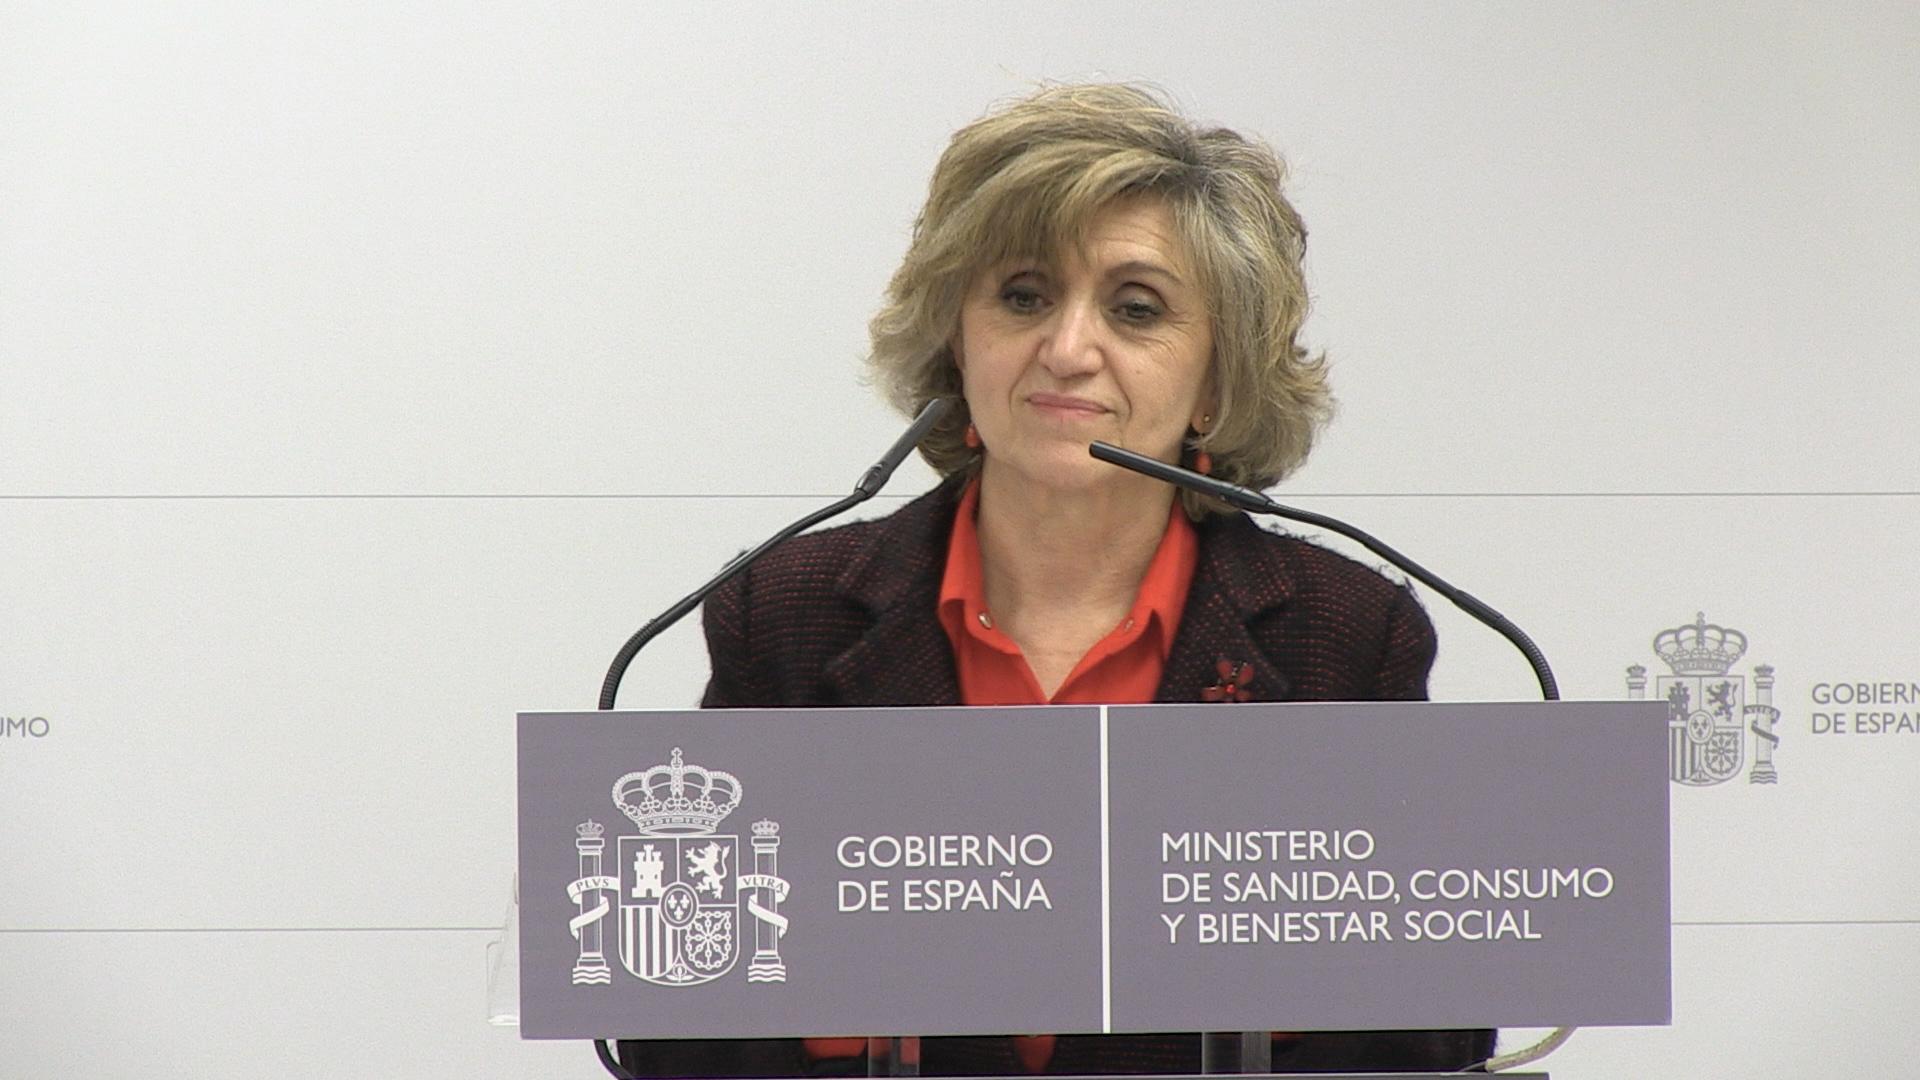 Sanidad confirma un total de 155 casos de listeriosis en Andalucía, Asturias, Extremadura, Madrid, Cataluña y Aragón